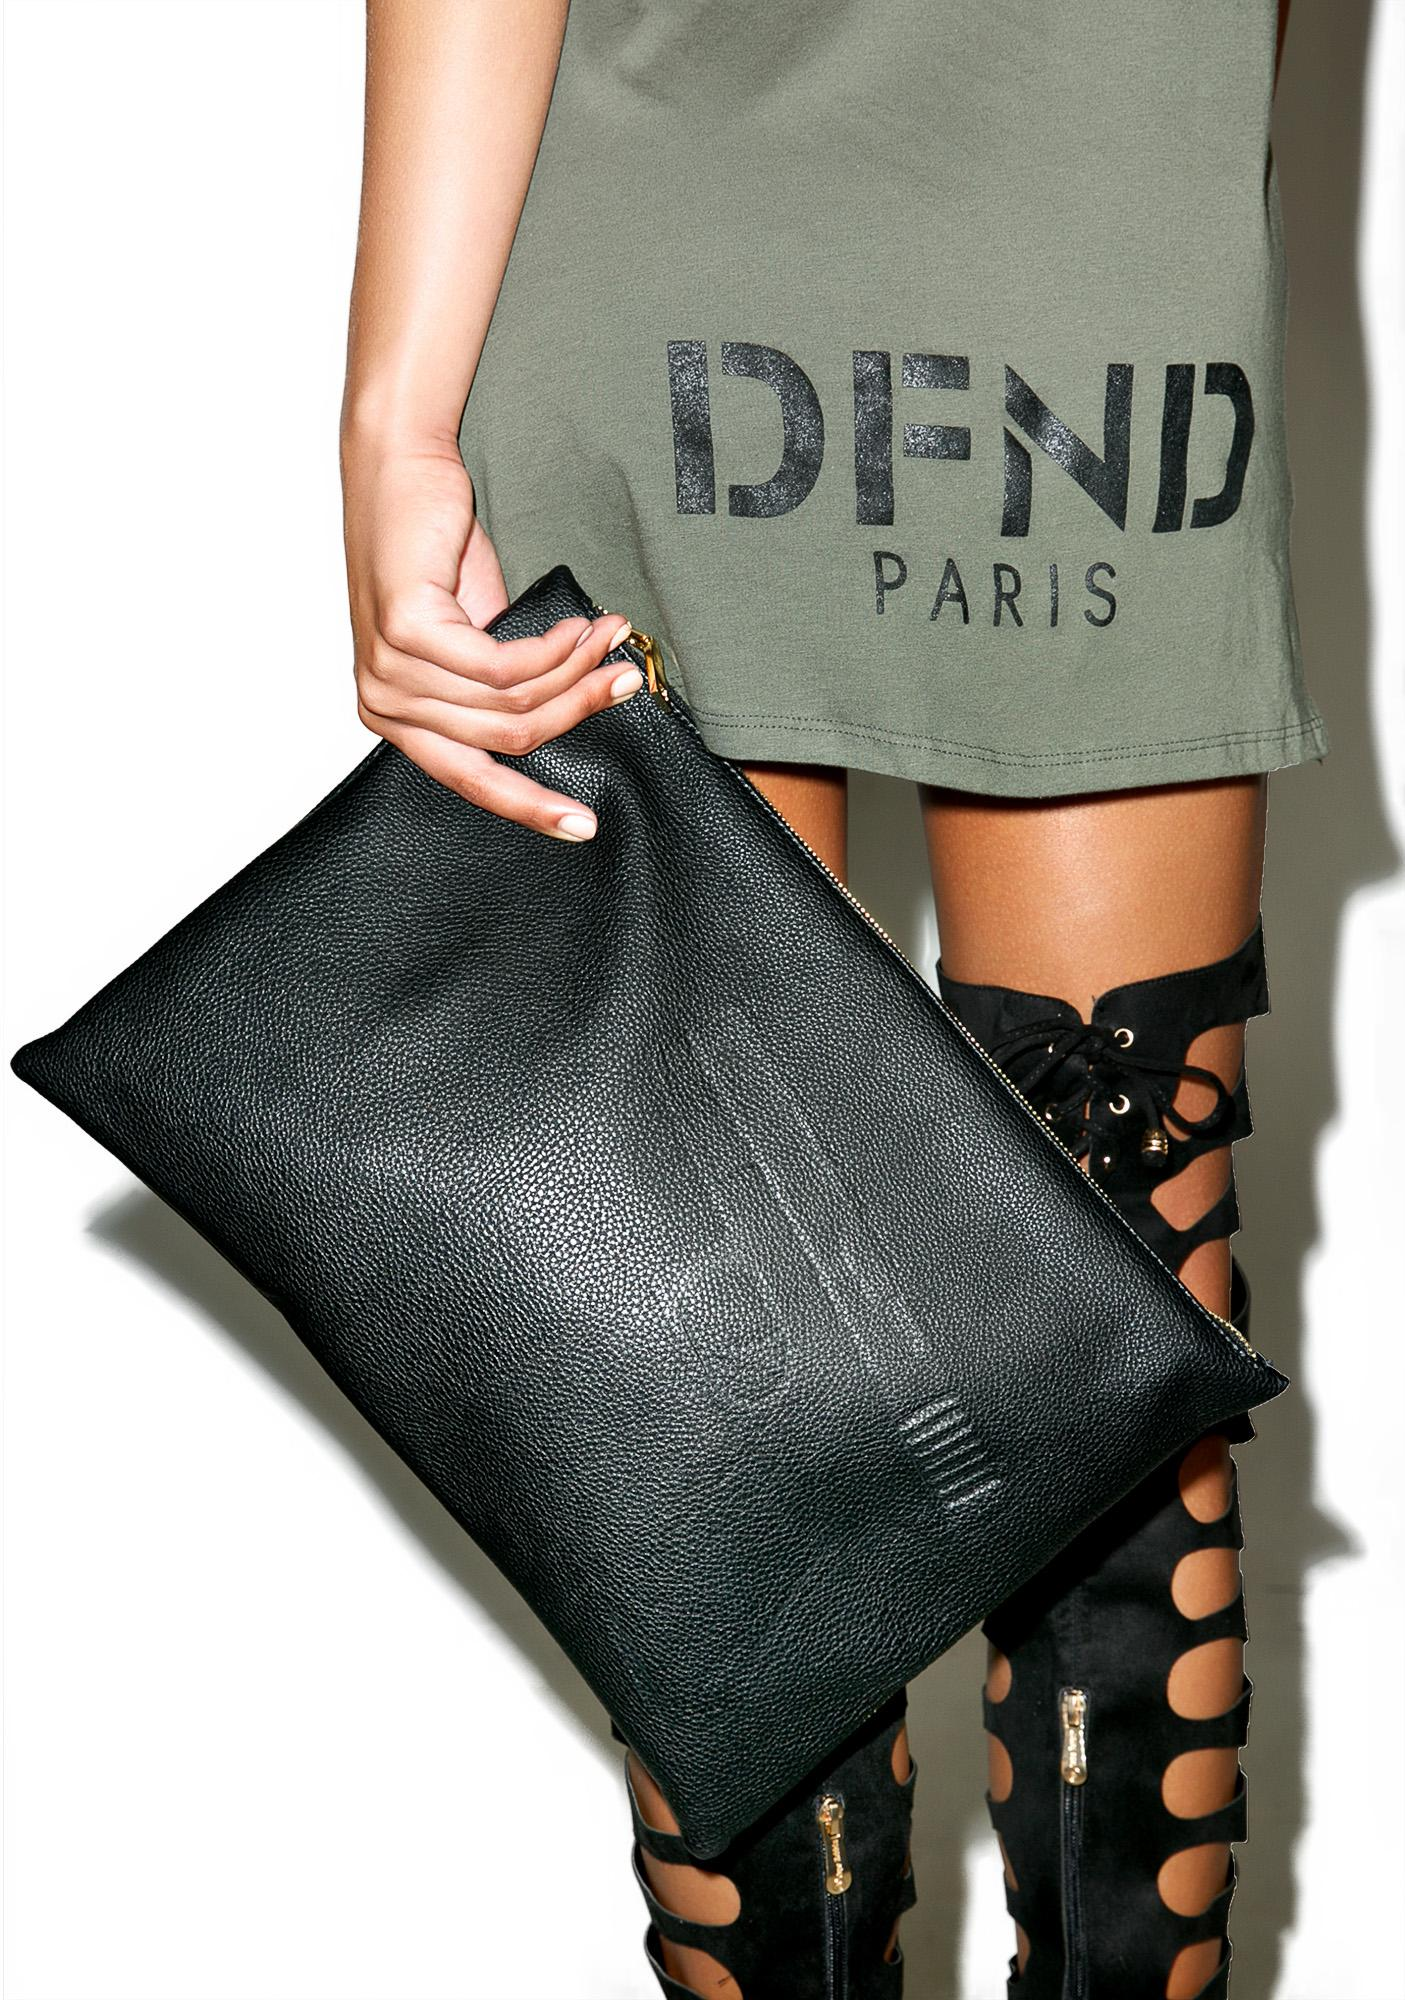 Defend Paris Defend Large Paris Clutch